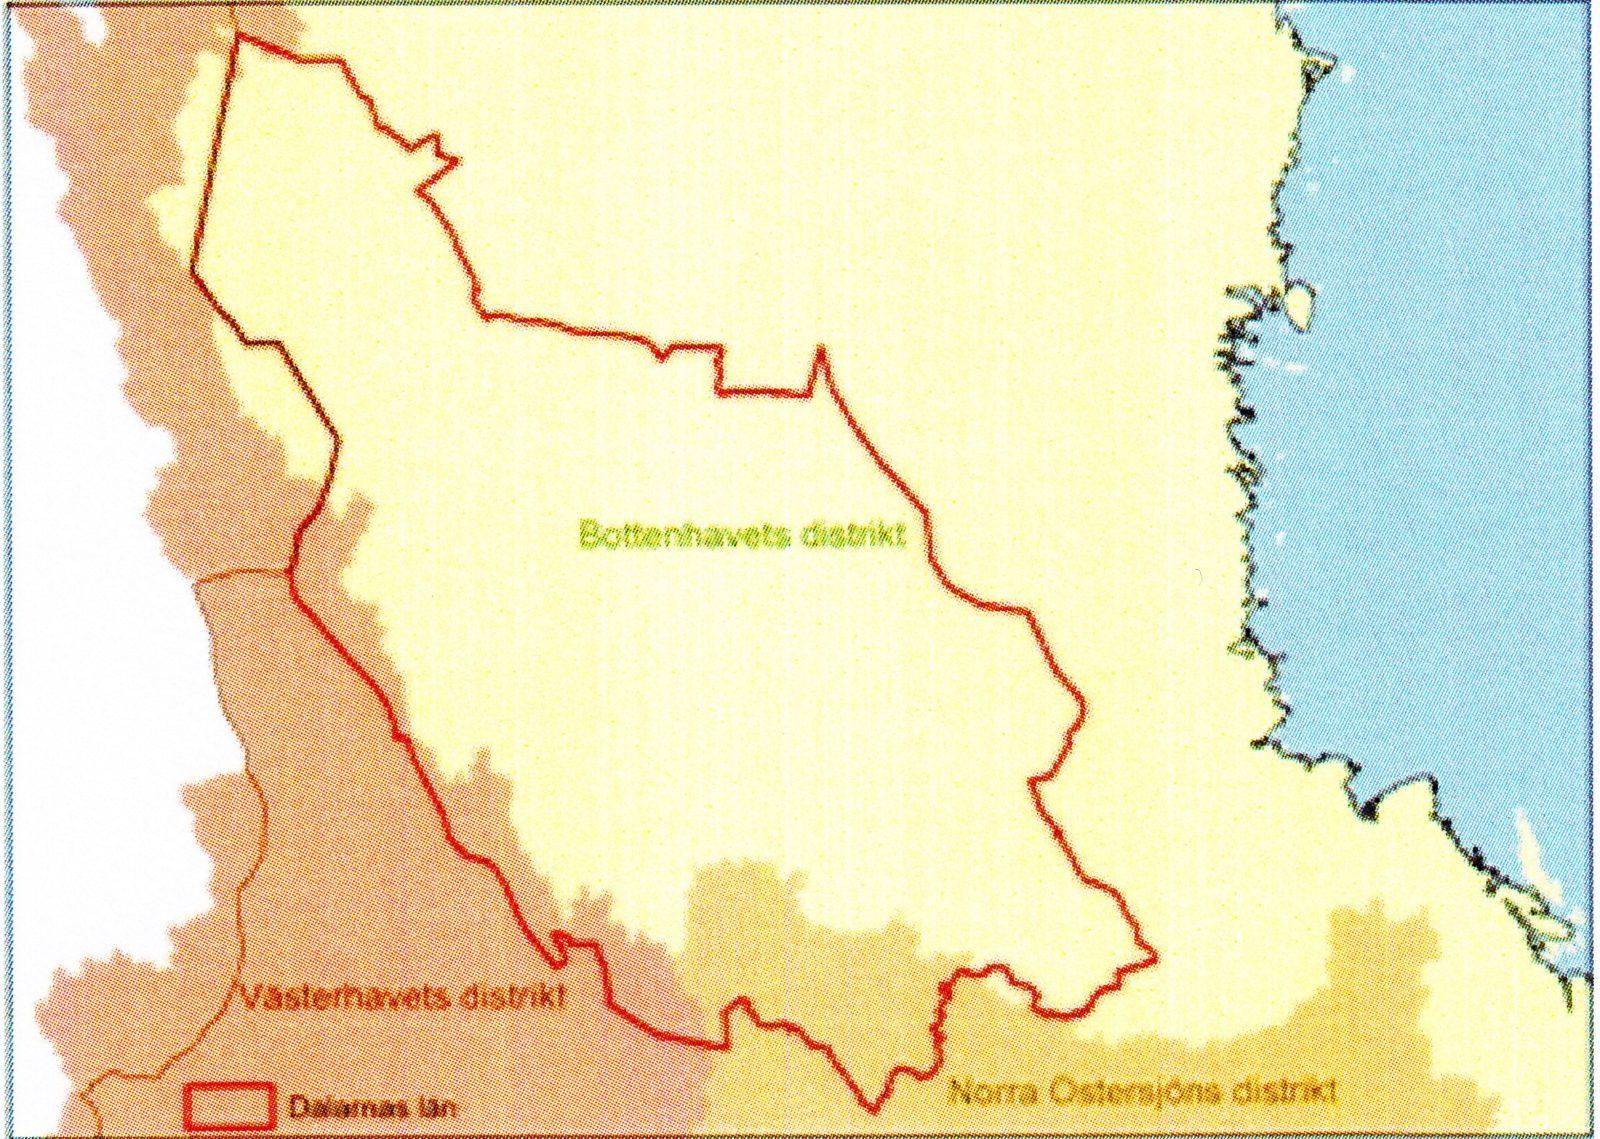 Dalälvens vattensystem